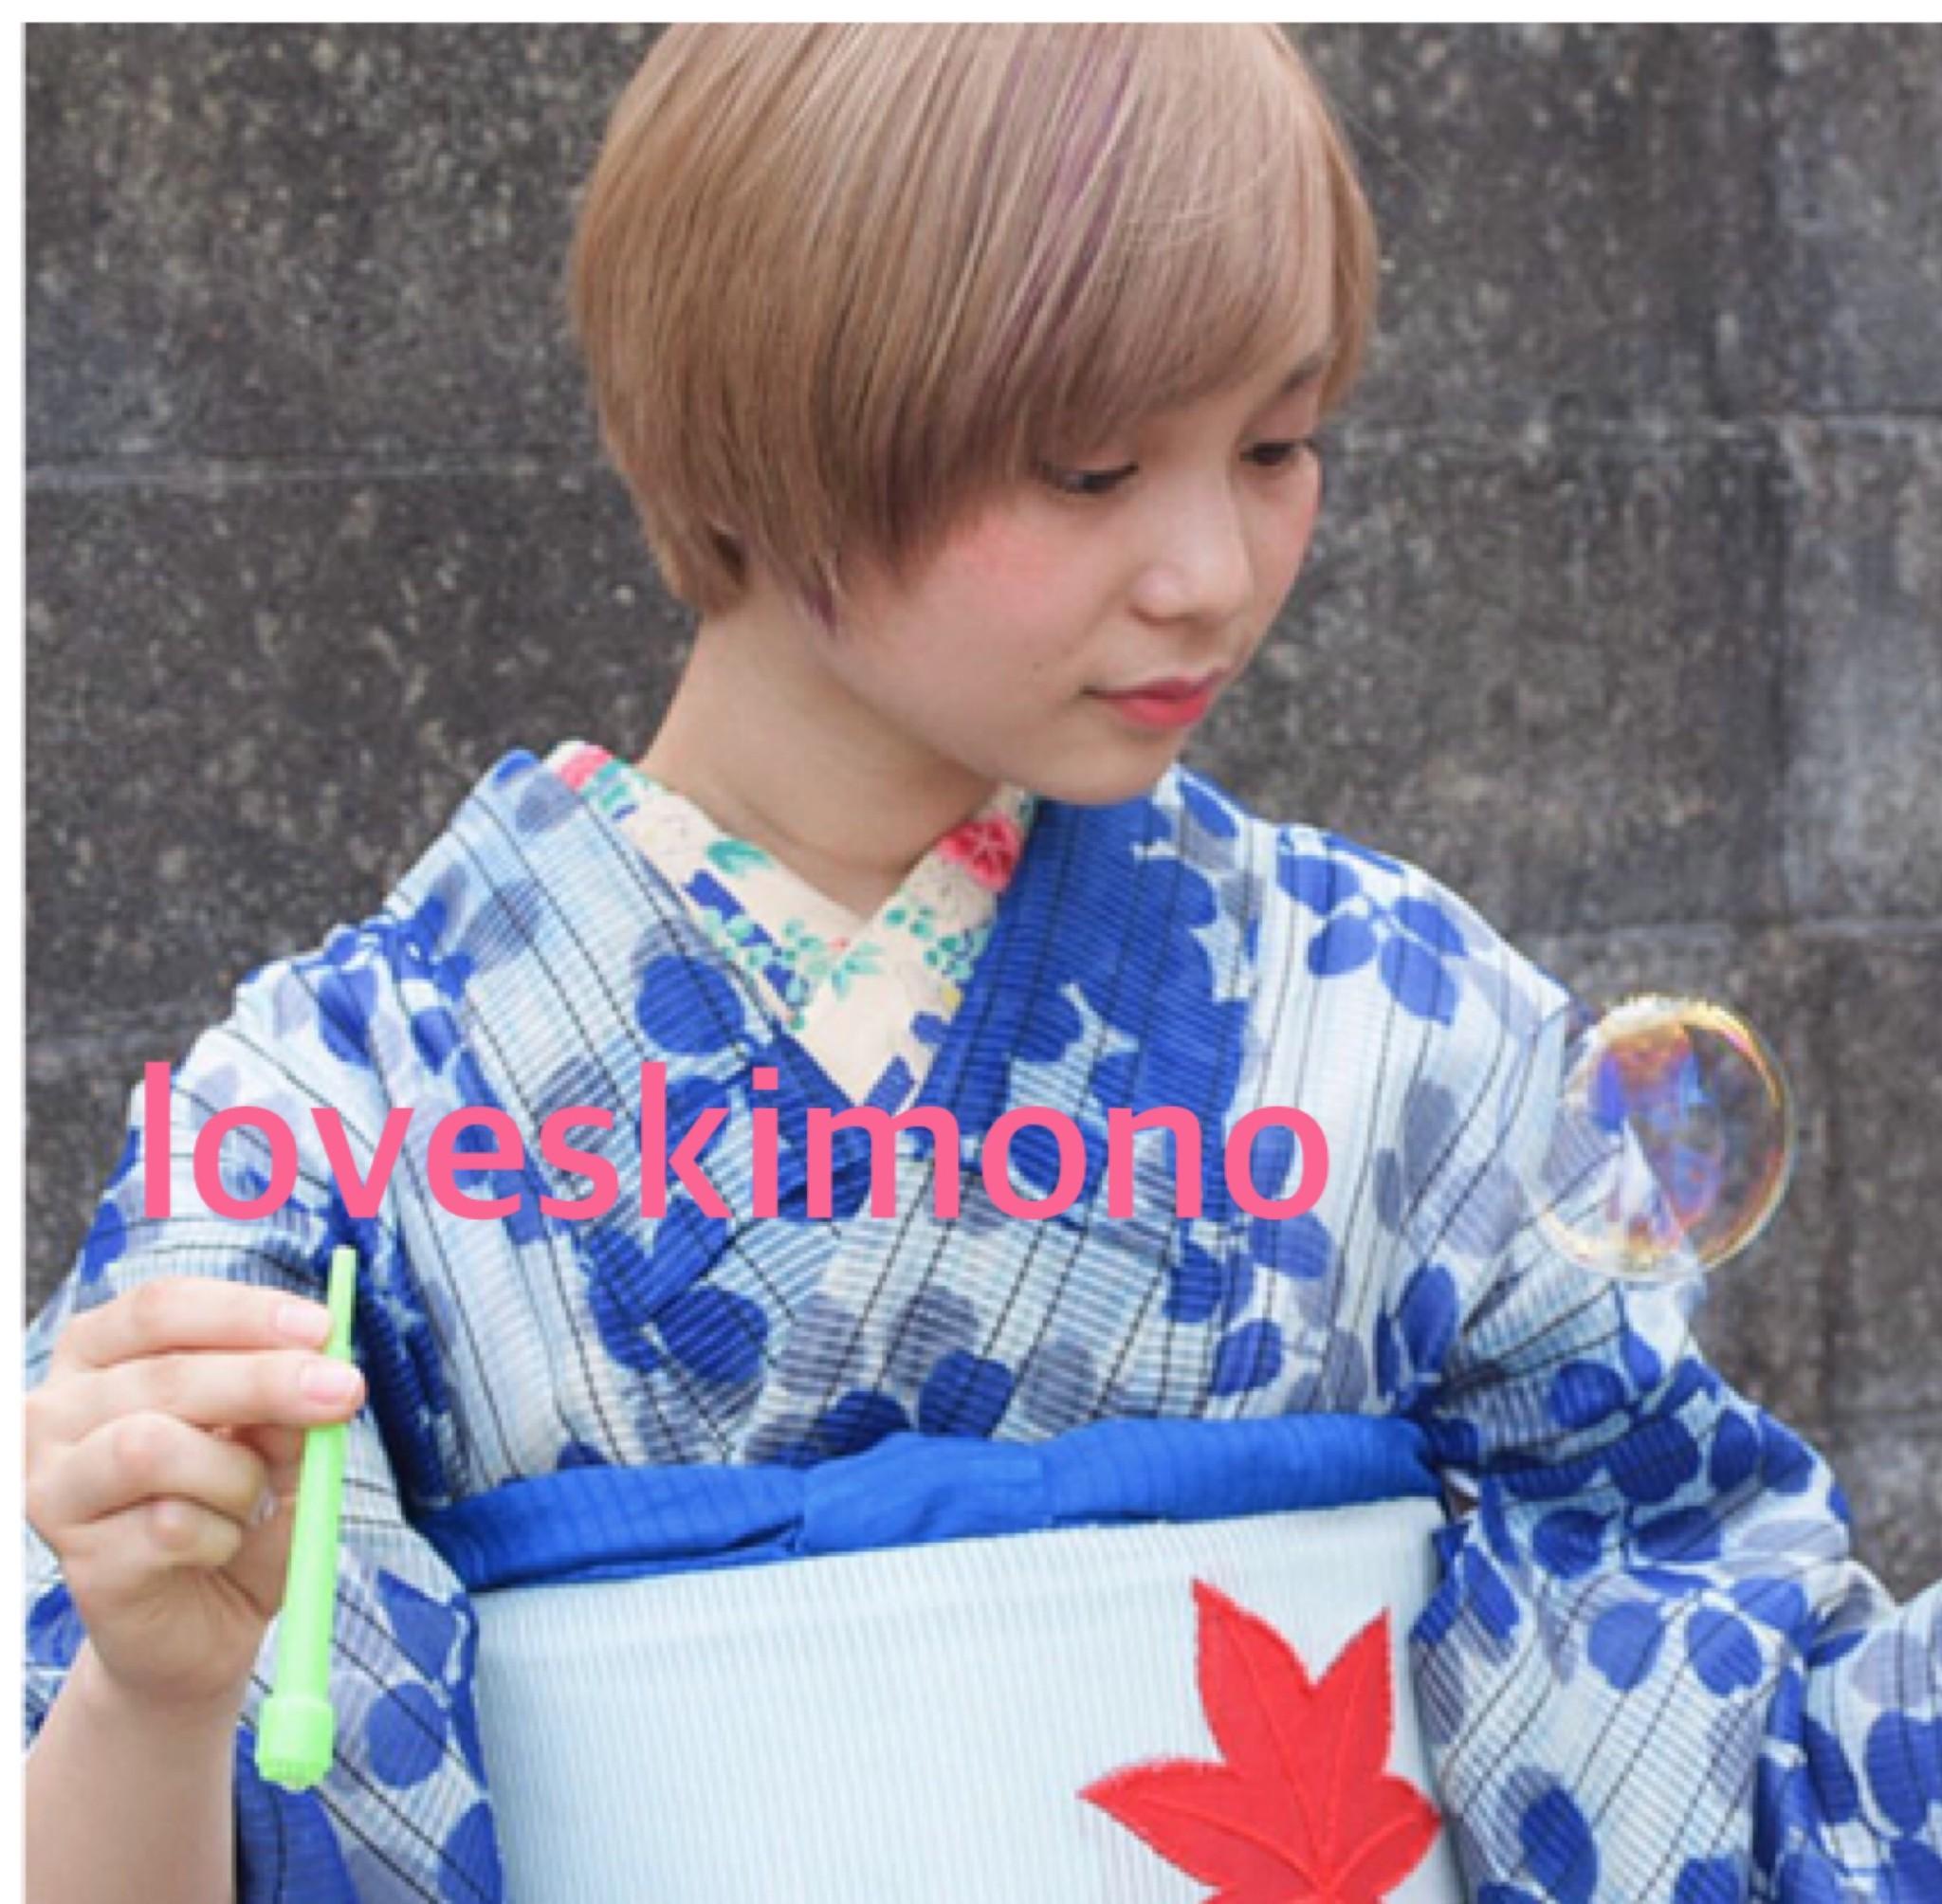 アンティーク&ビンテージ着物ショップ  loveskimono(ラブズキモノ)